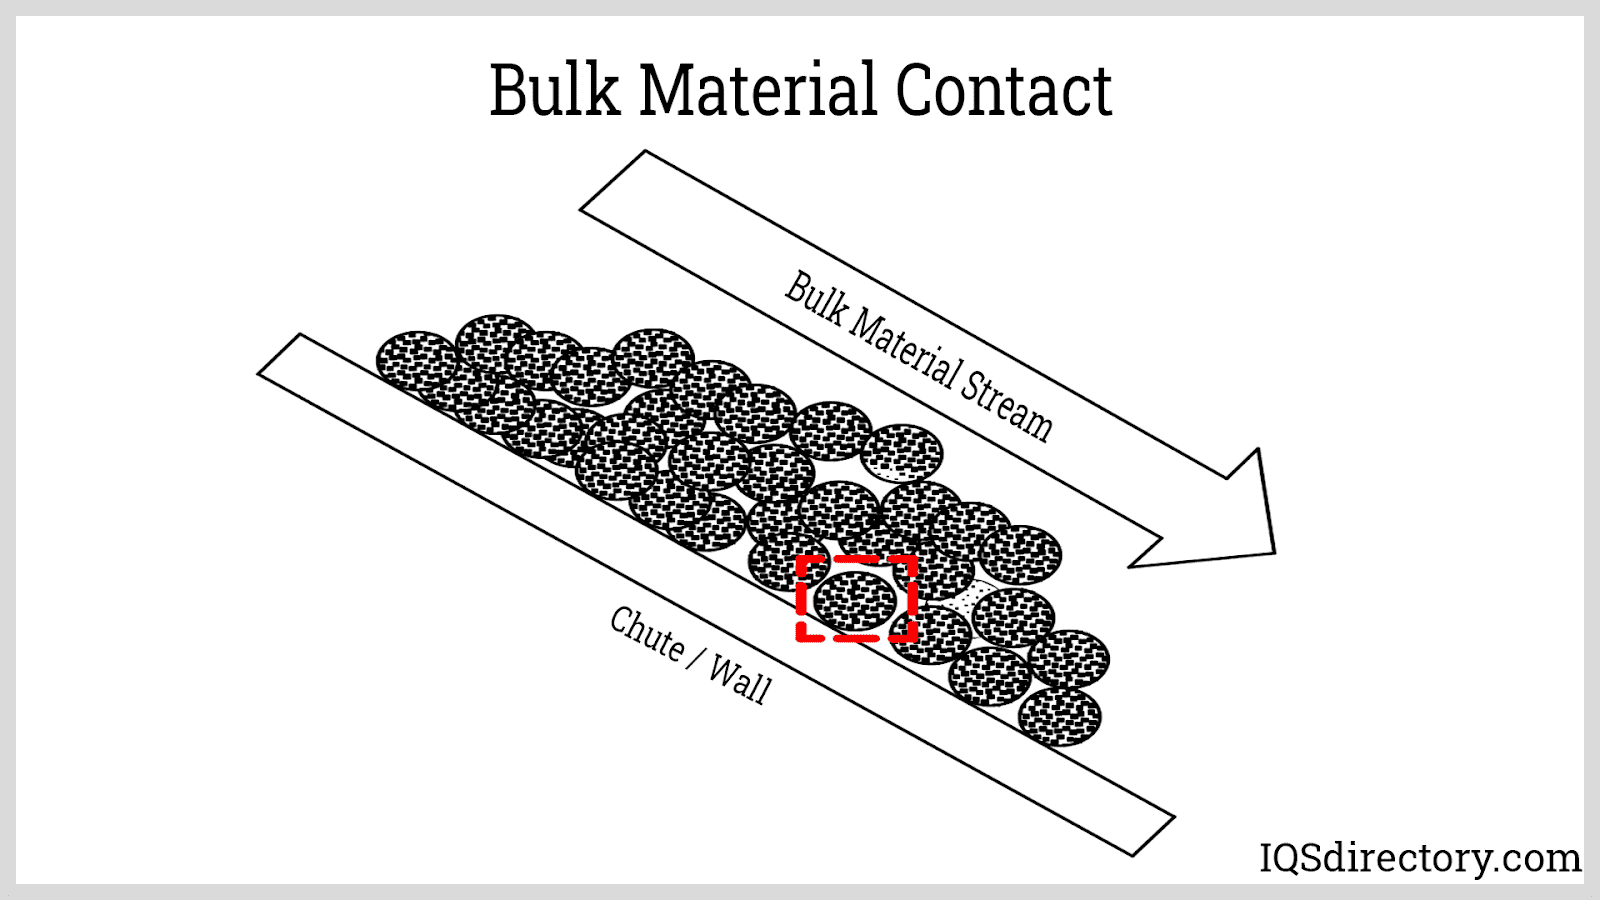 Bulk Material Contact